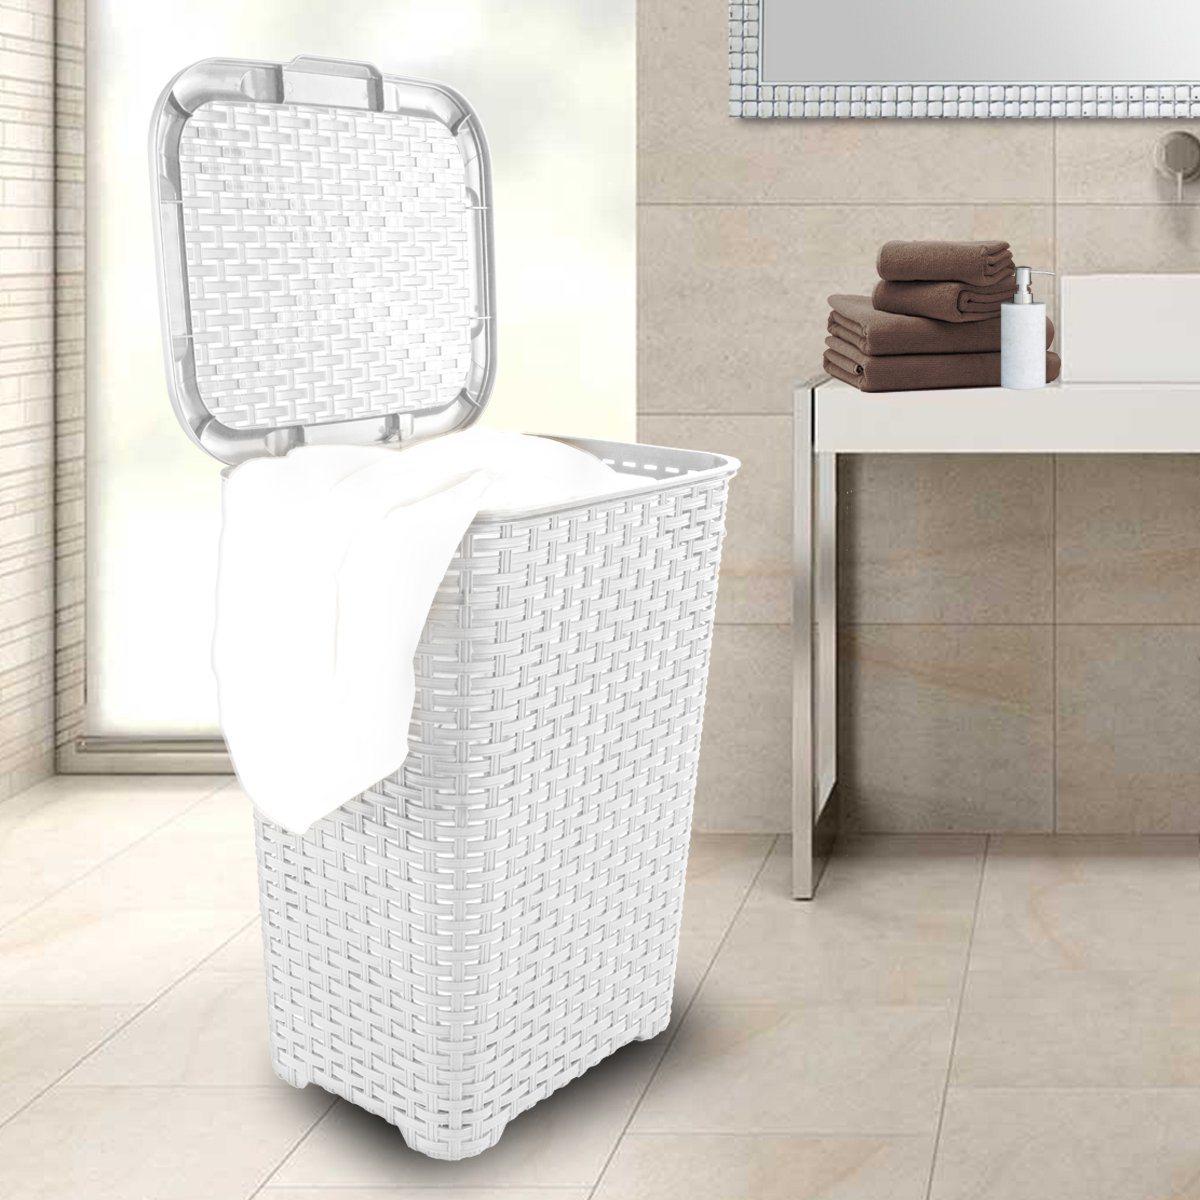 Wäschekorb In Rattan Optik 60 Liter Atmungsaktiv Mit Offen Gestalteter Struktur In 4 Verschiedenen Farben Weiß 1